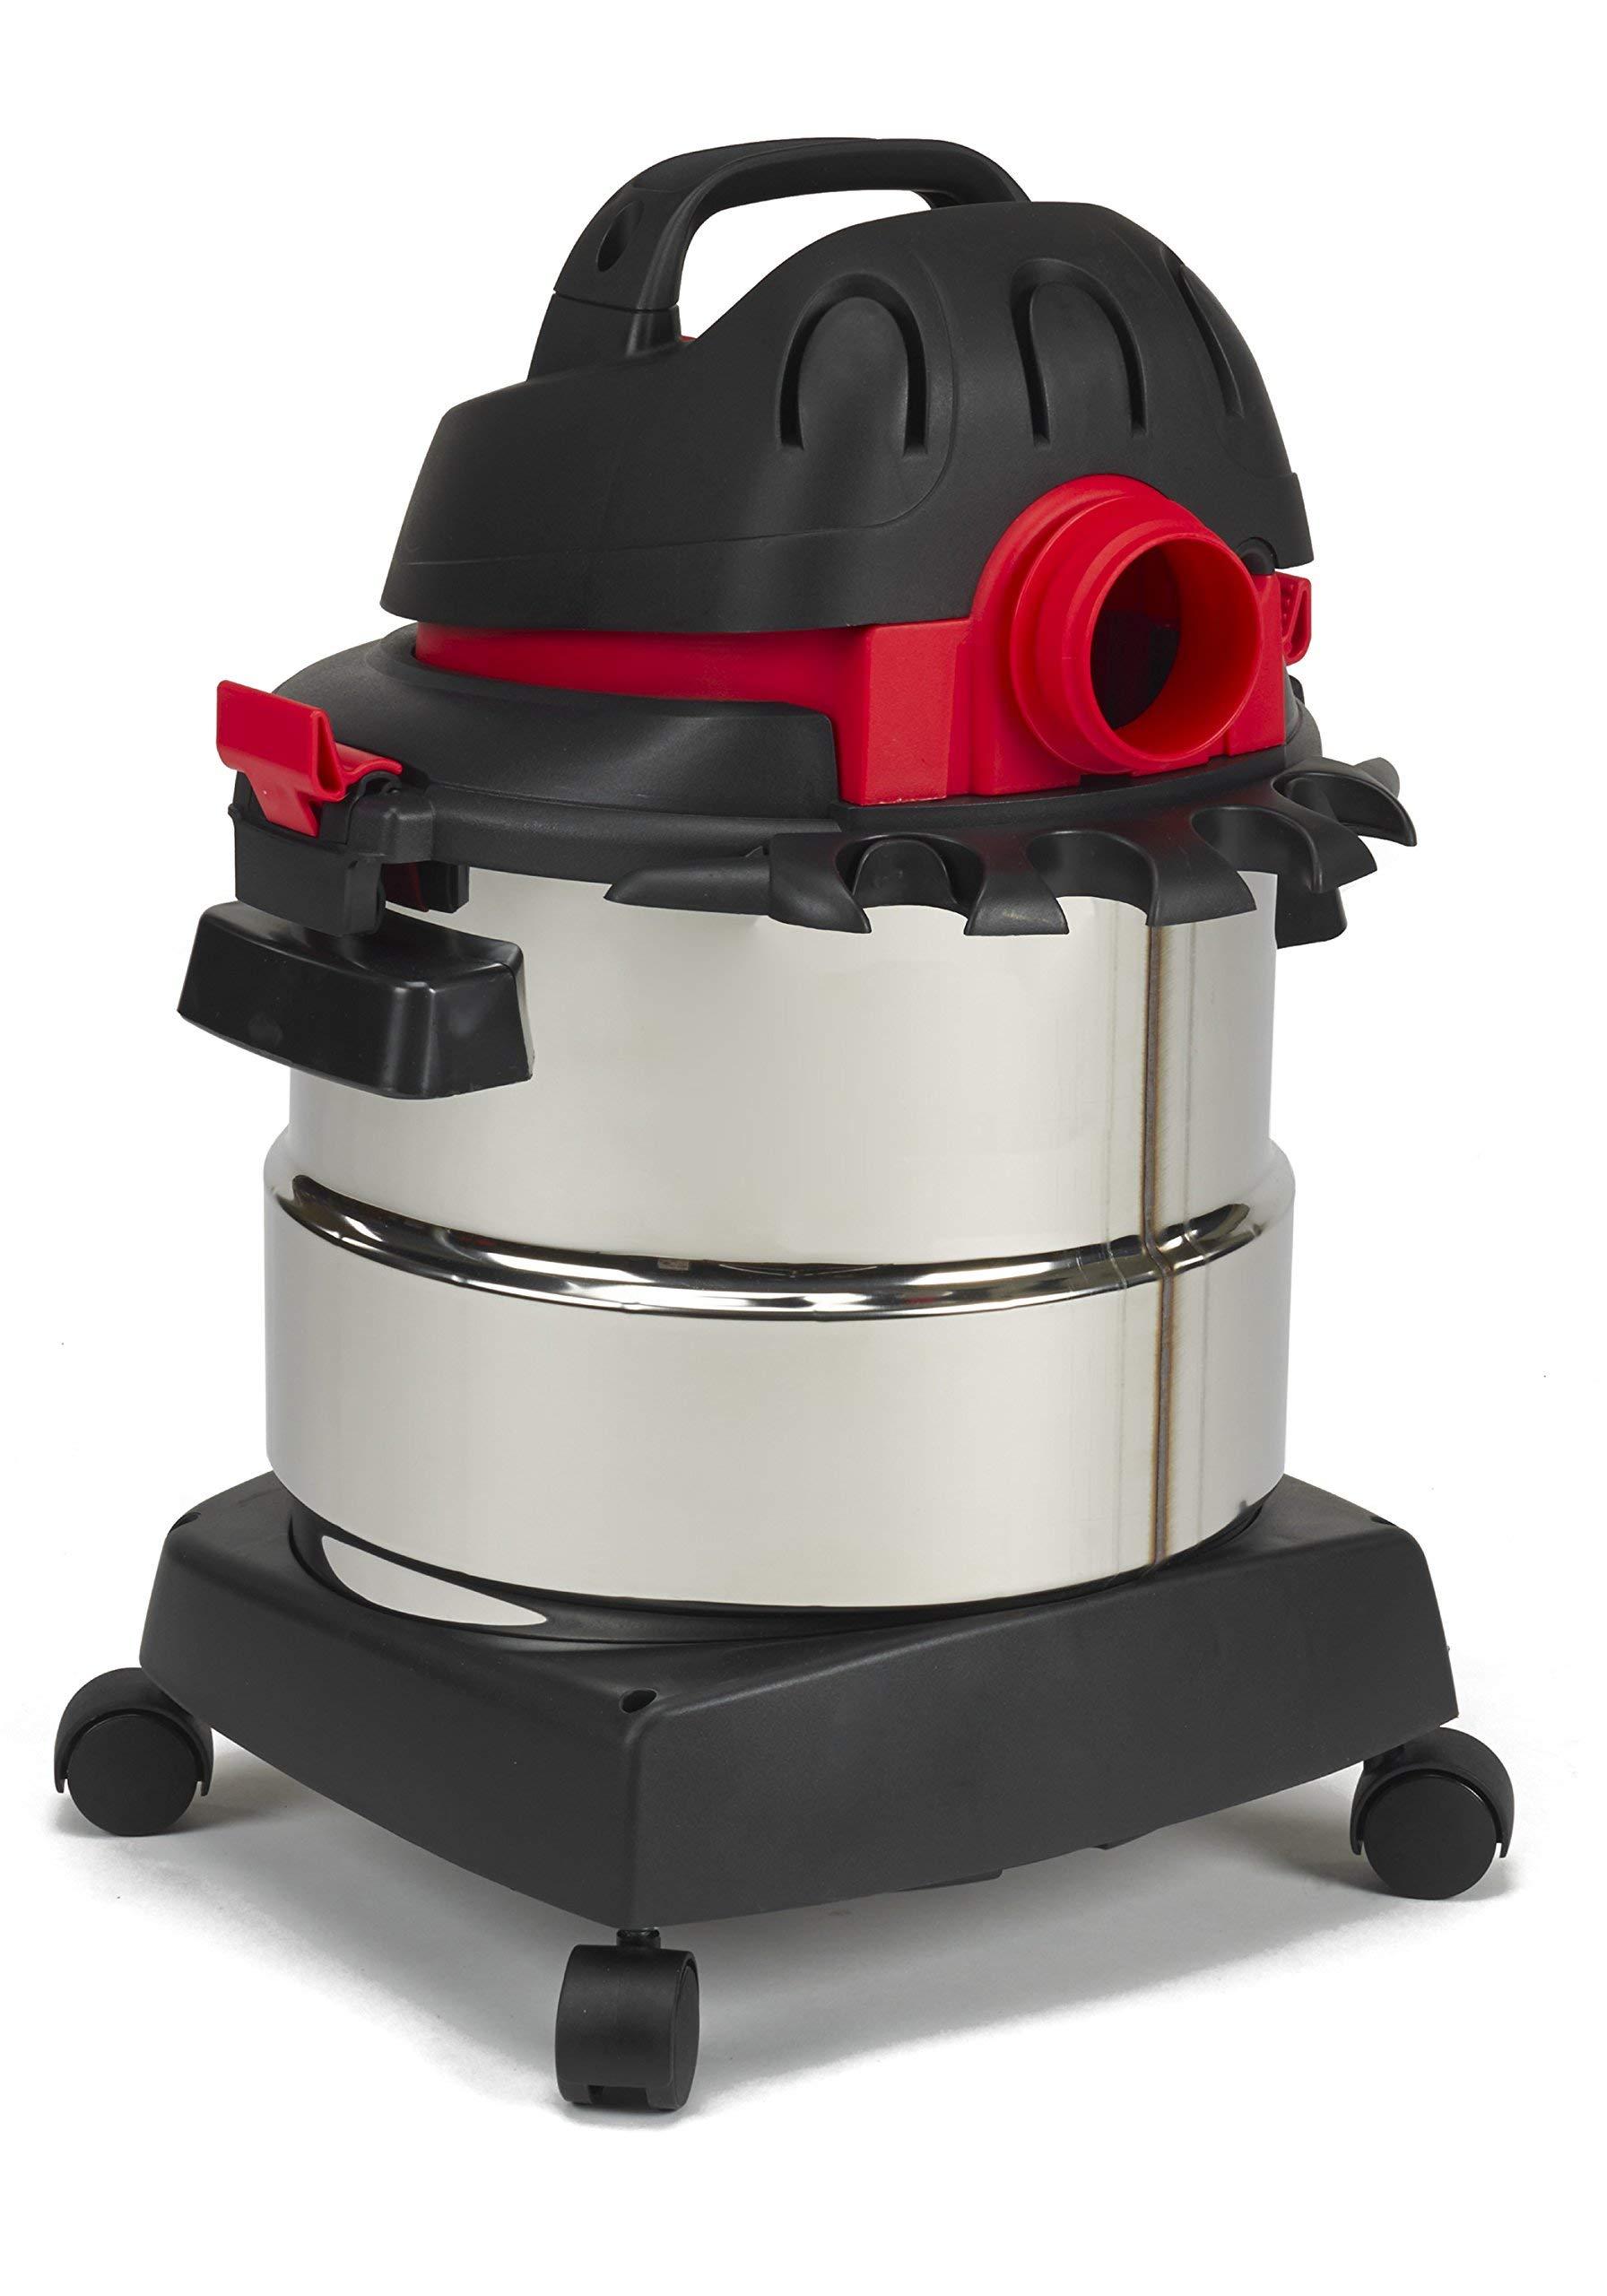 Shop-Vac 5989300 5-Gallon 4.5 Peak HP Stainless Steel Wet Dry Vacuum (Renewed) by Shop-Vac (Image #4)